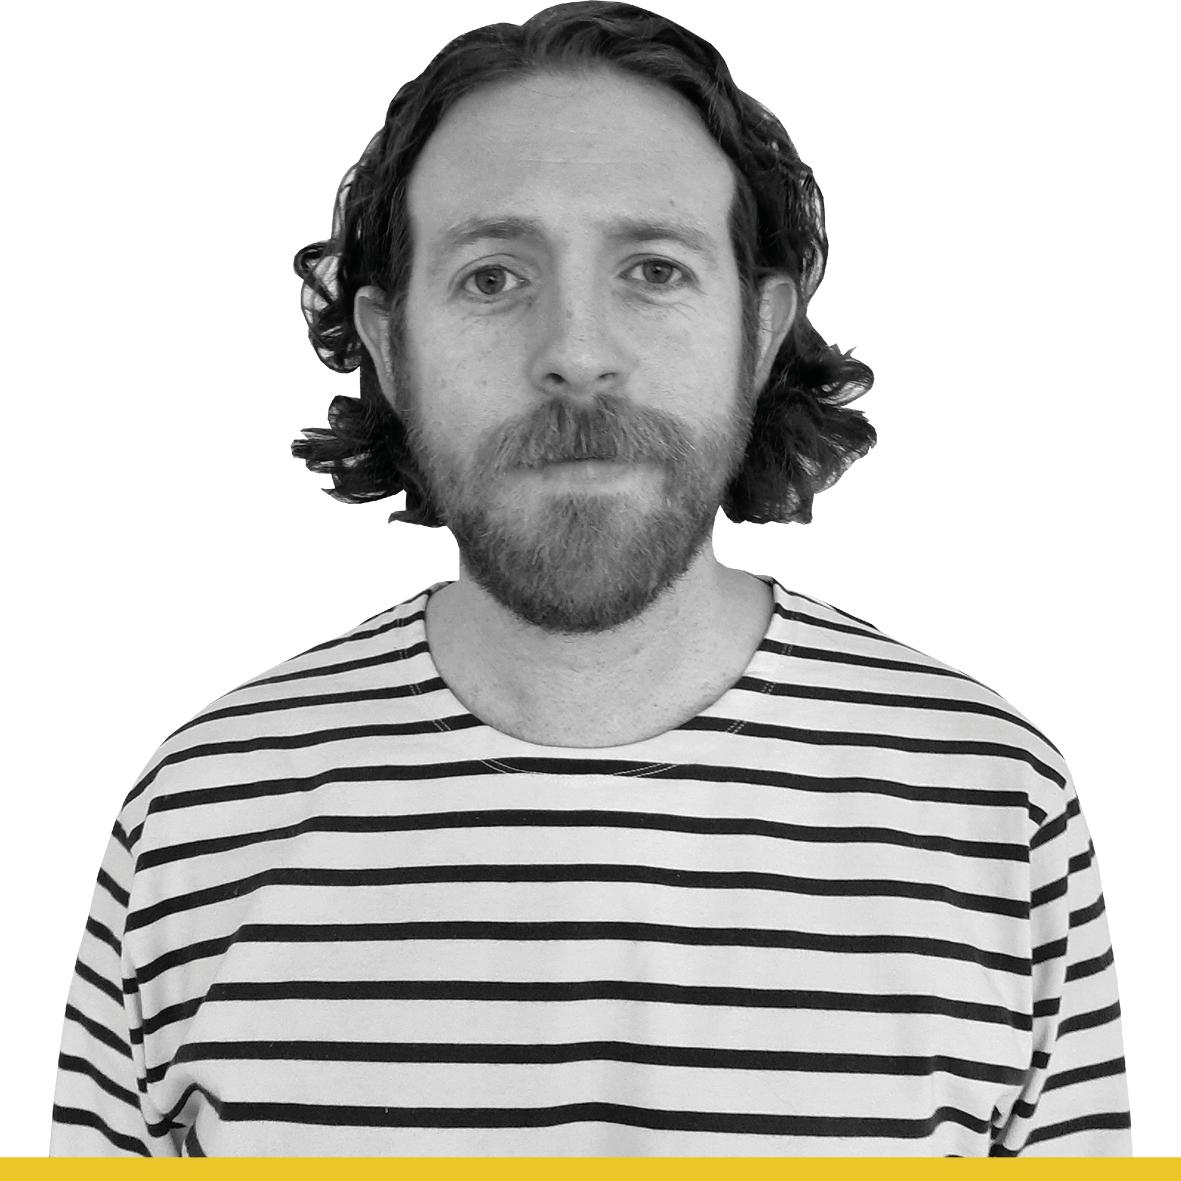 Portrait of Neil Cowan